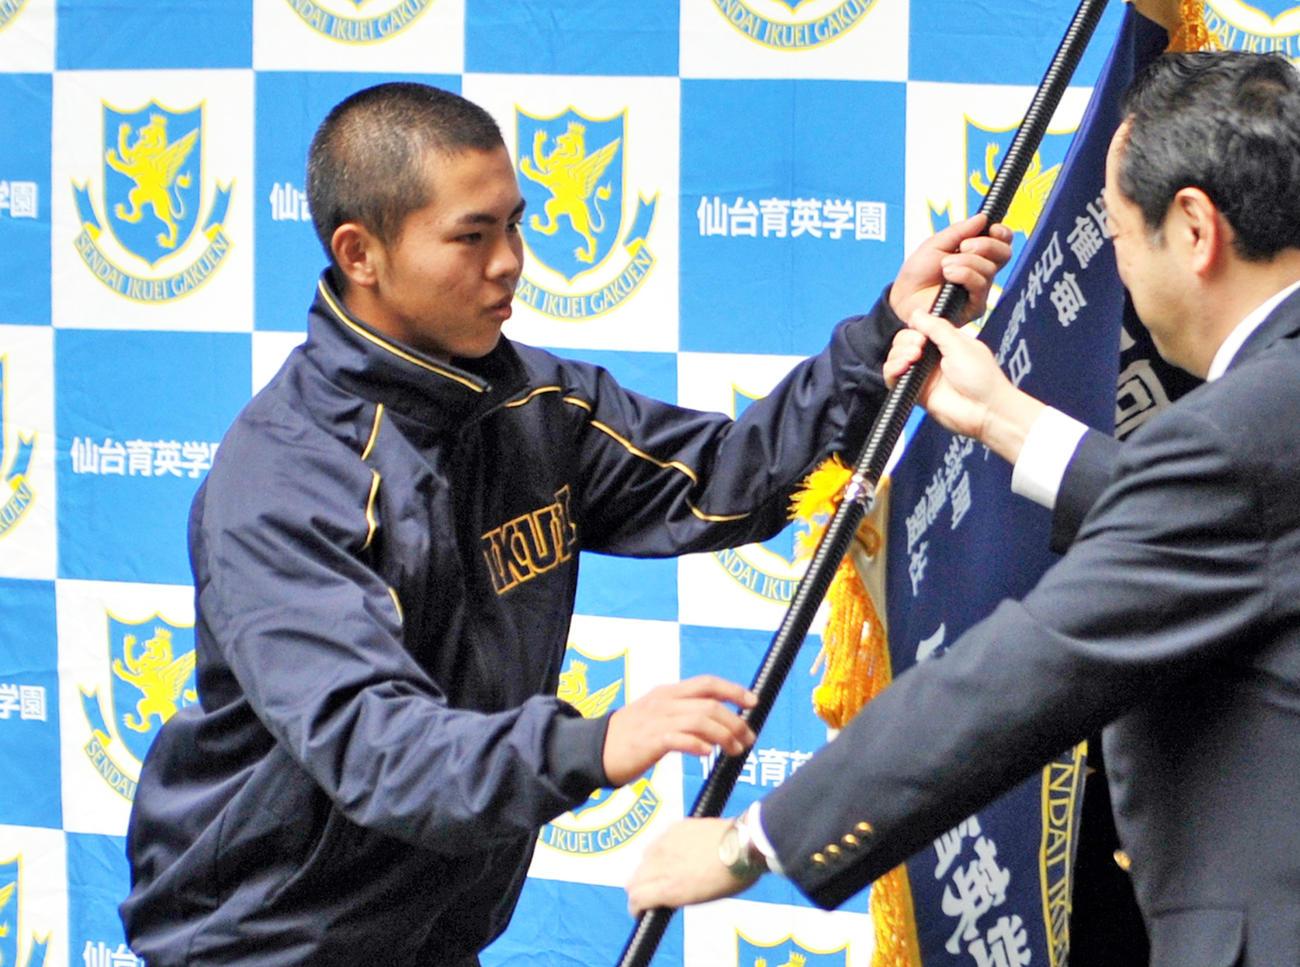 仙台育英の島貫主将(左)は加藤校長から選抜旗を受け取る(撮影・佐々木雄高)